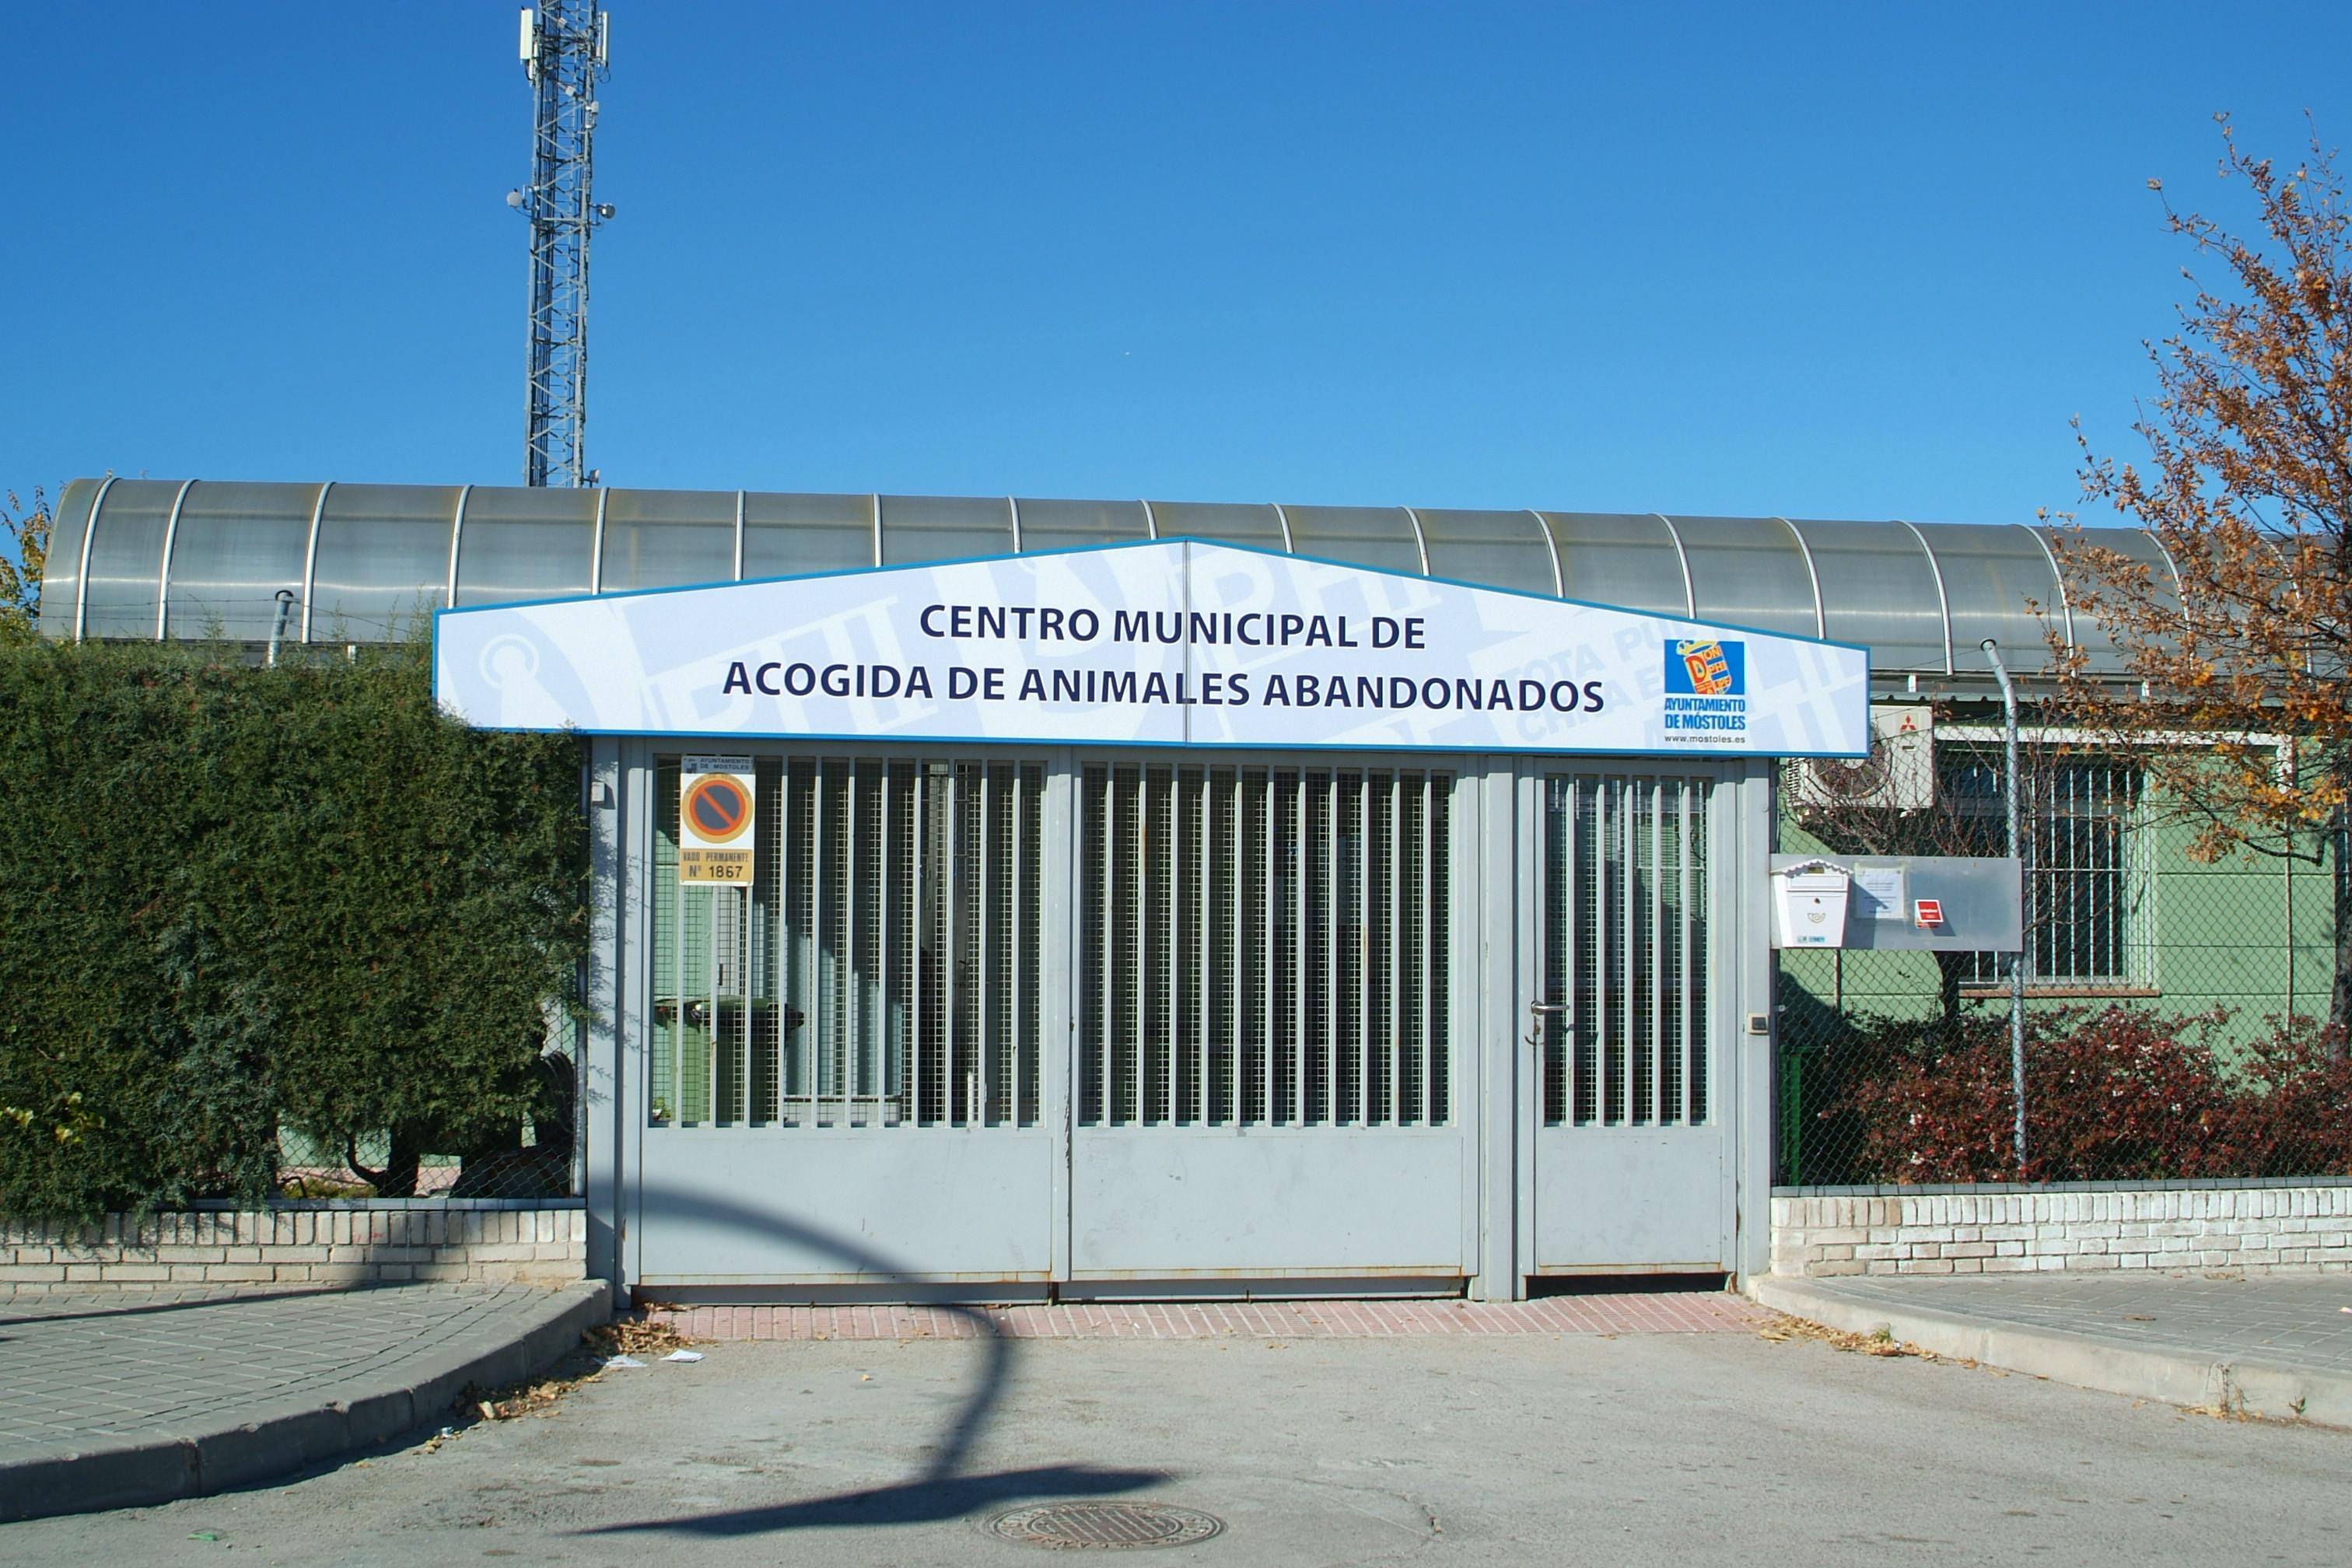 http://sur-madrid.com/online/?p=4149